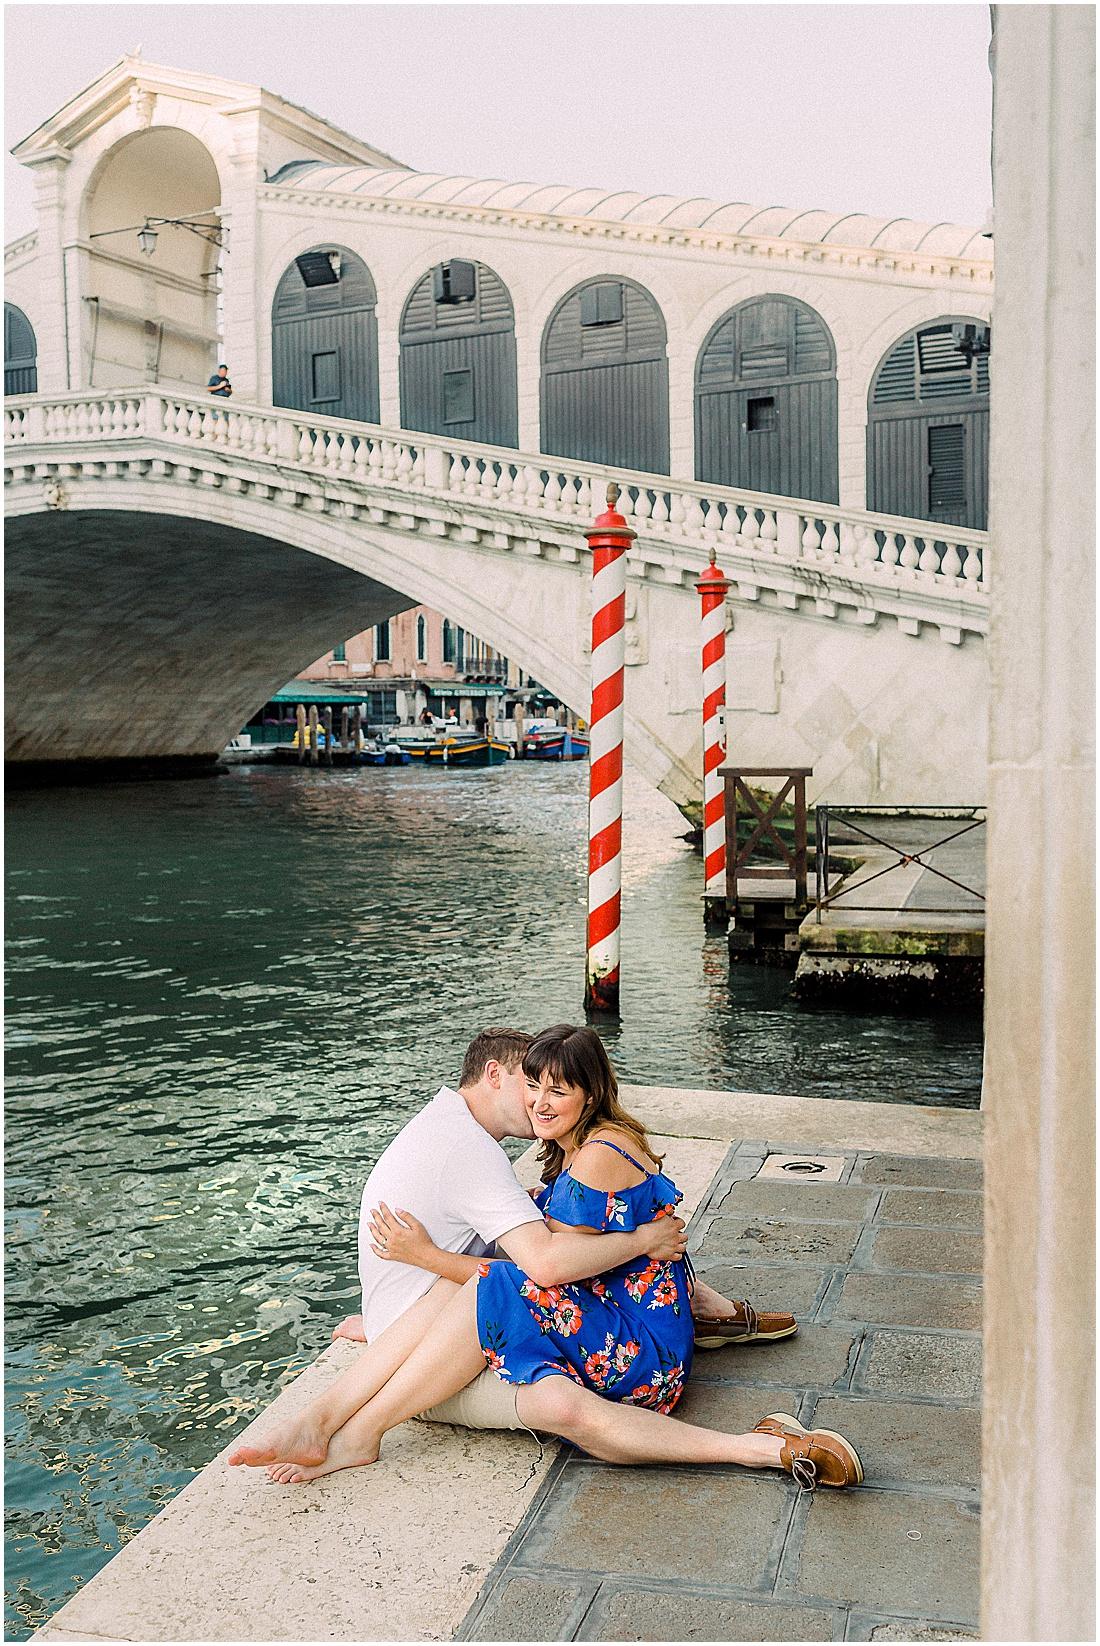 wedding-photographer-venice-gondola-sunset-stefano-degirmenci_0431.jpg